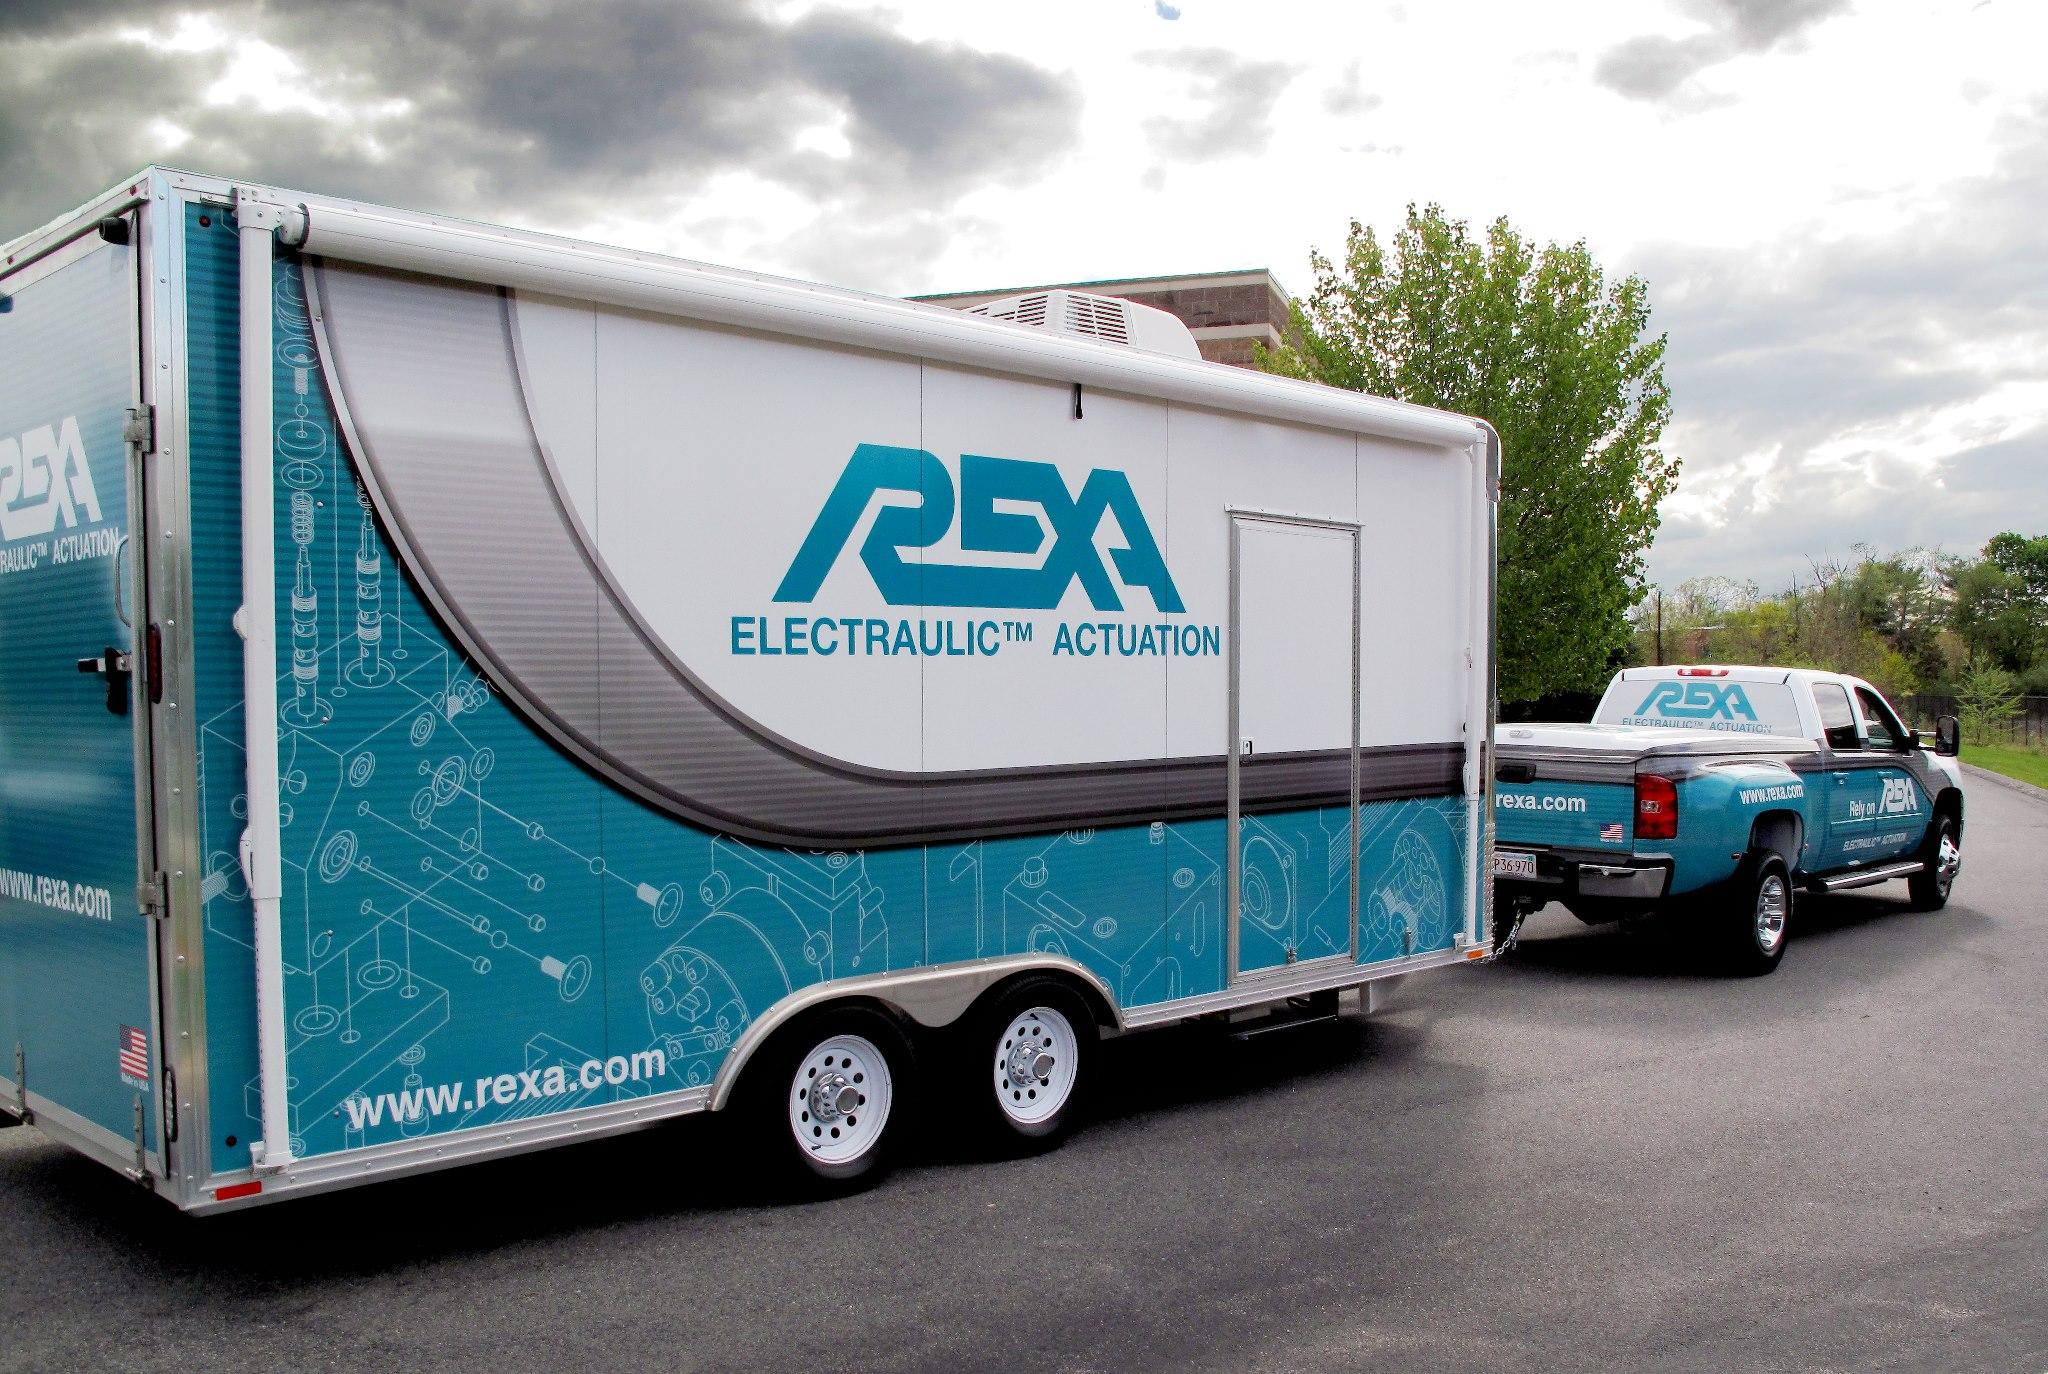 Rexa-image2